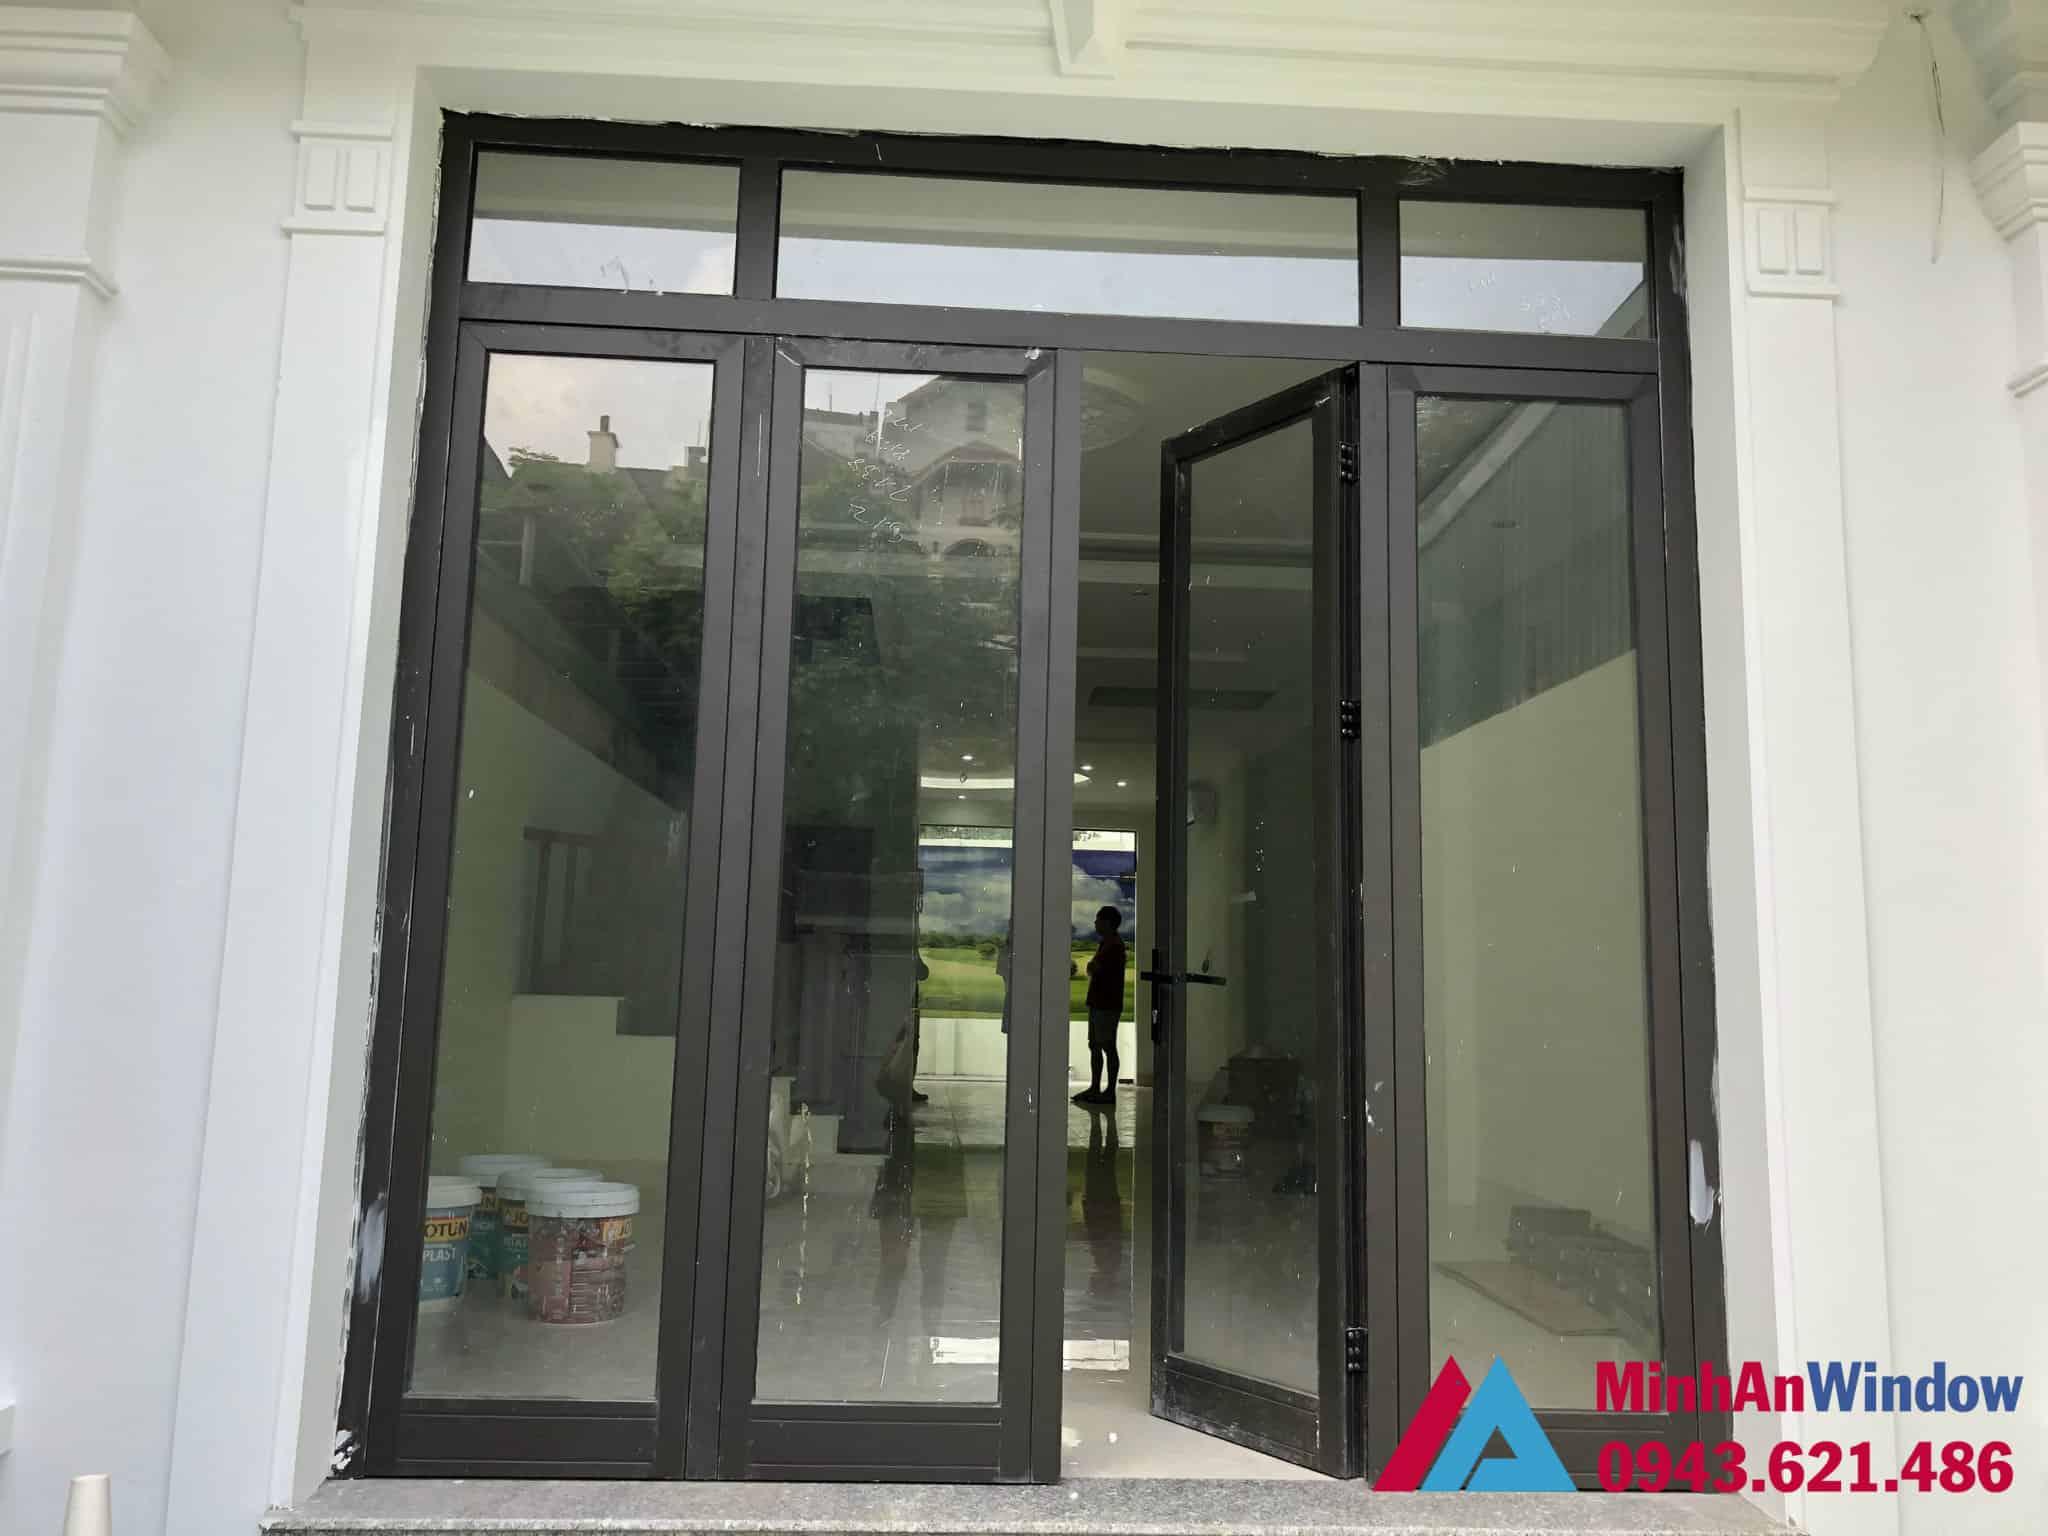 Mẫu cửa đi nhôm kính Minh An Window lắp đặt tại huyện Mê Linh - Hà Nội